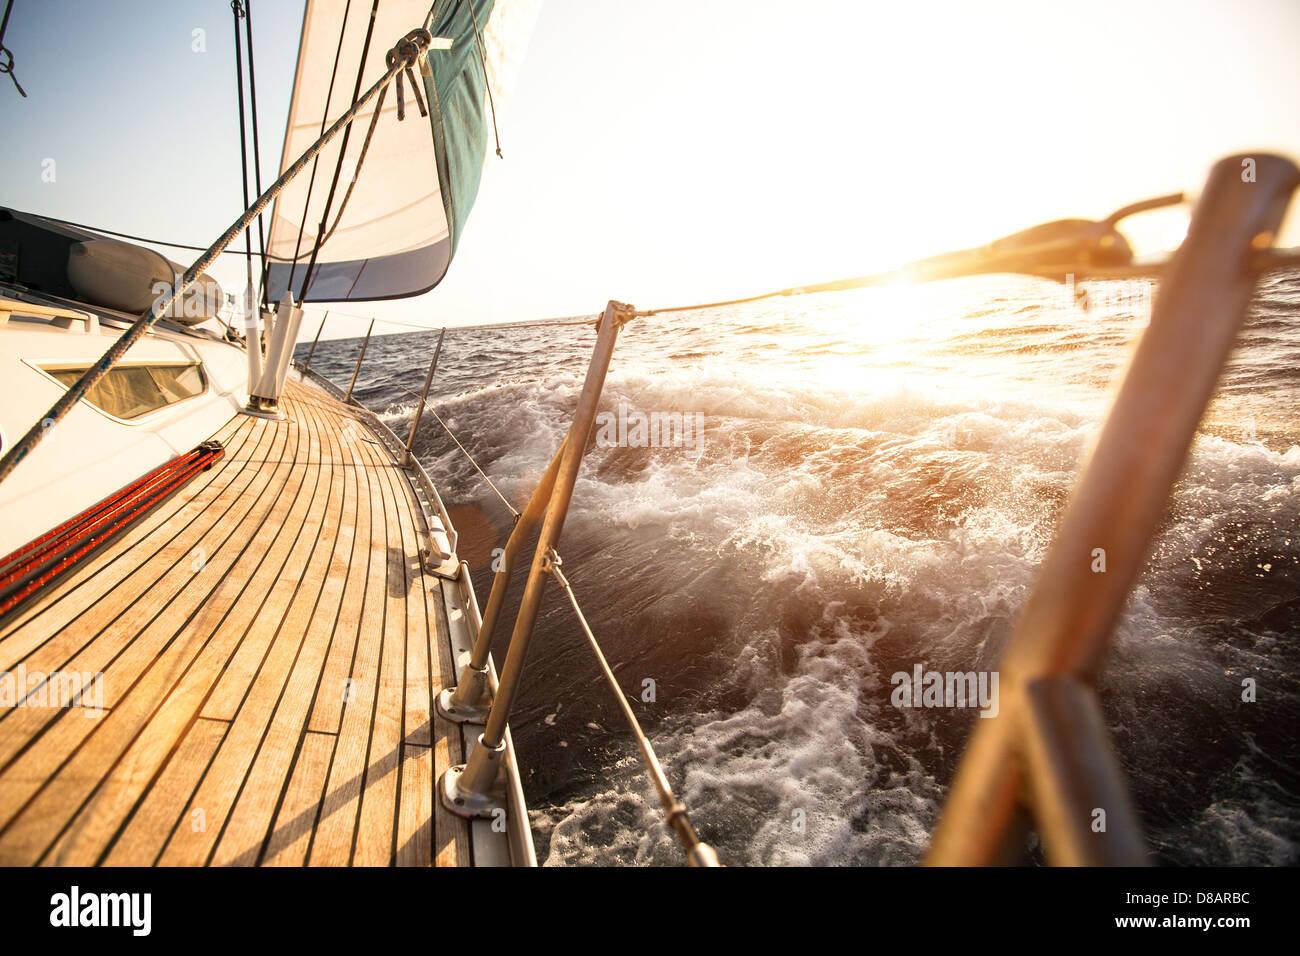 Regata de vela en el Mar Egeo Imagen De Stock